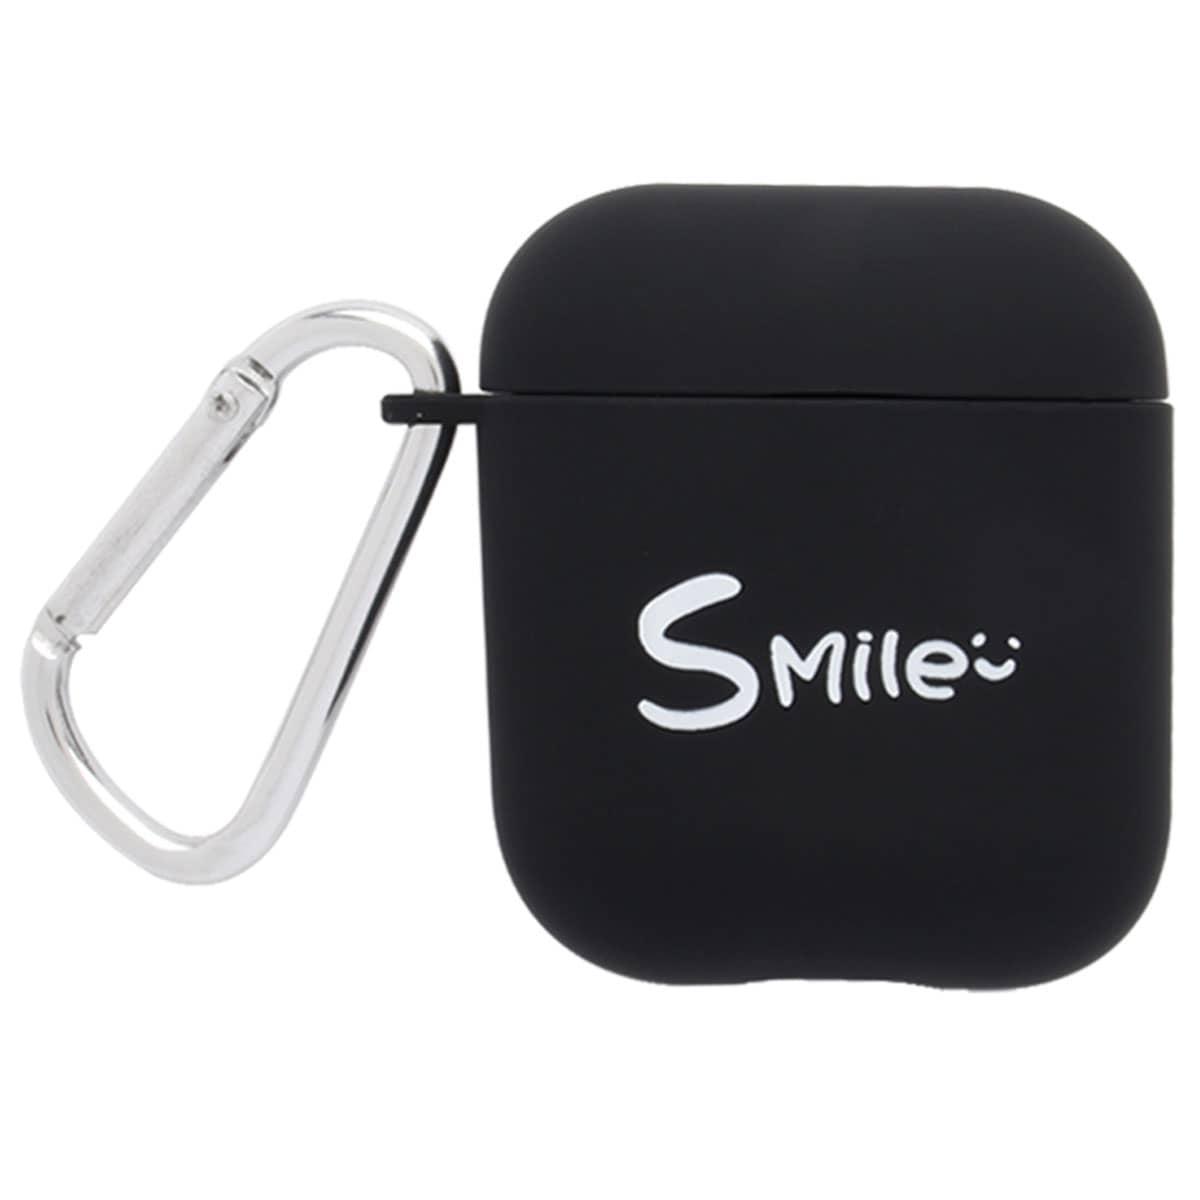 Tech-accessoires Telefoonaccessoire